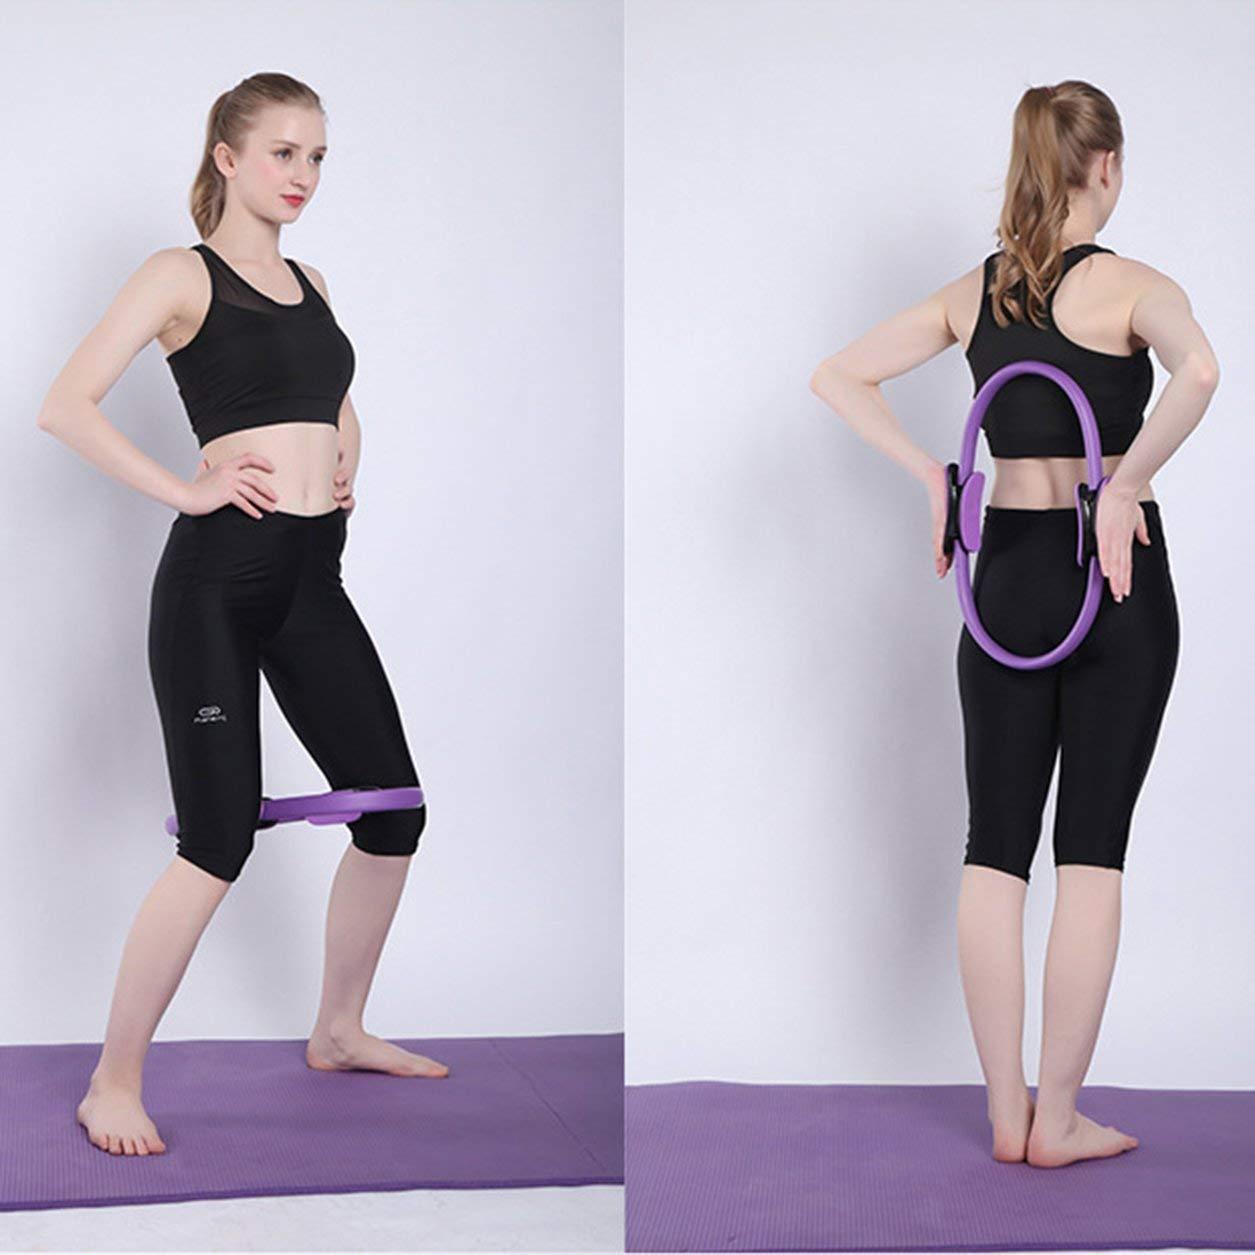 Dailyinshop Professionista Fitness Magia Wrap Yoga Pilates Anello Dimagrante Corpo Building Formazione Yoga Strumento Cerchio Allenamento di Ginnastica di addestramento